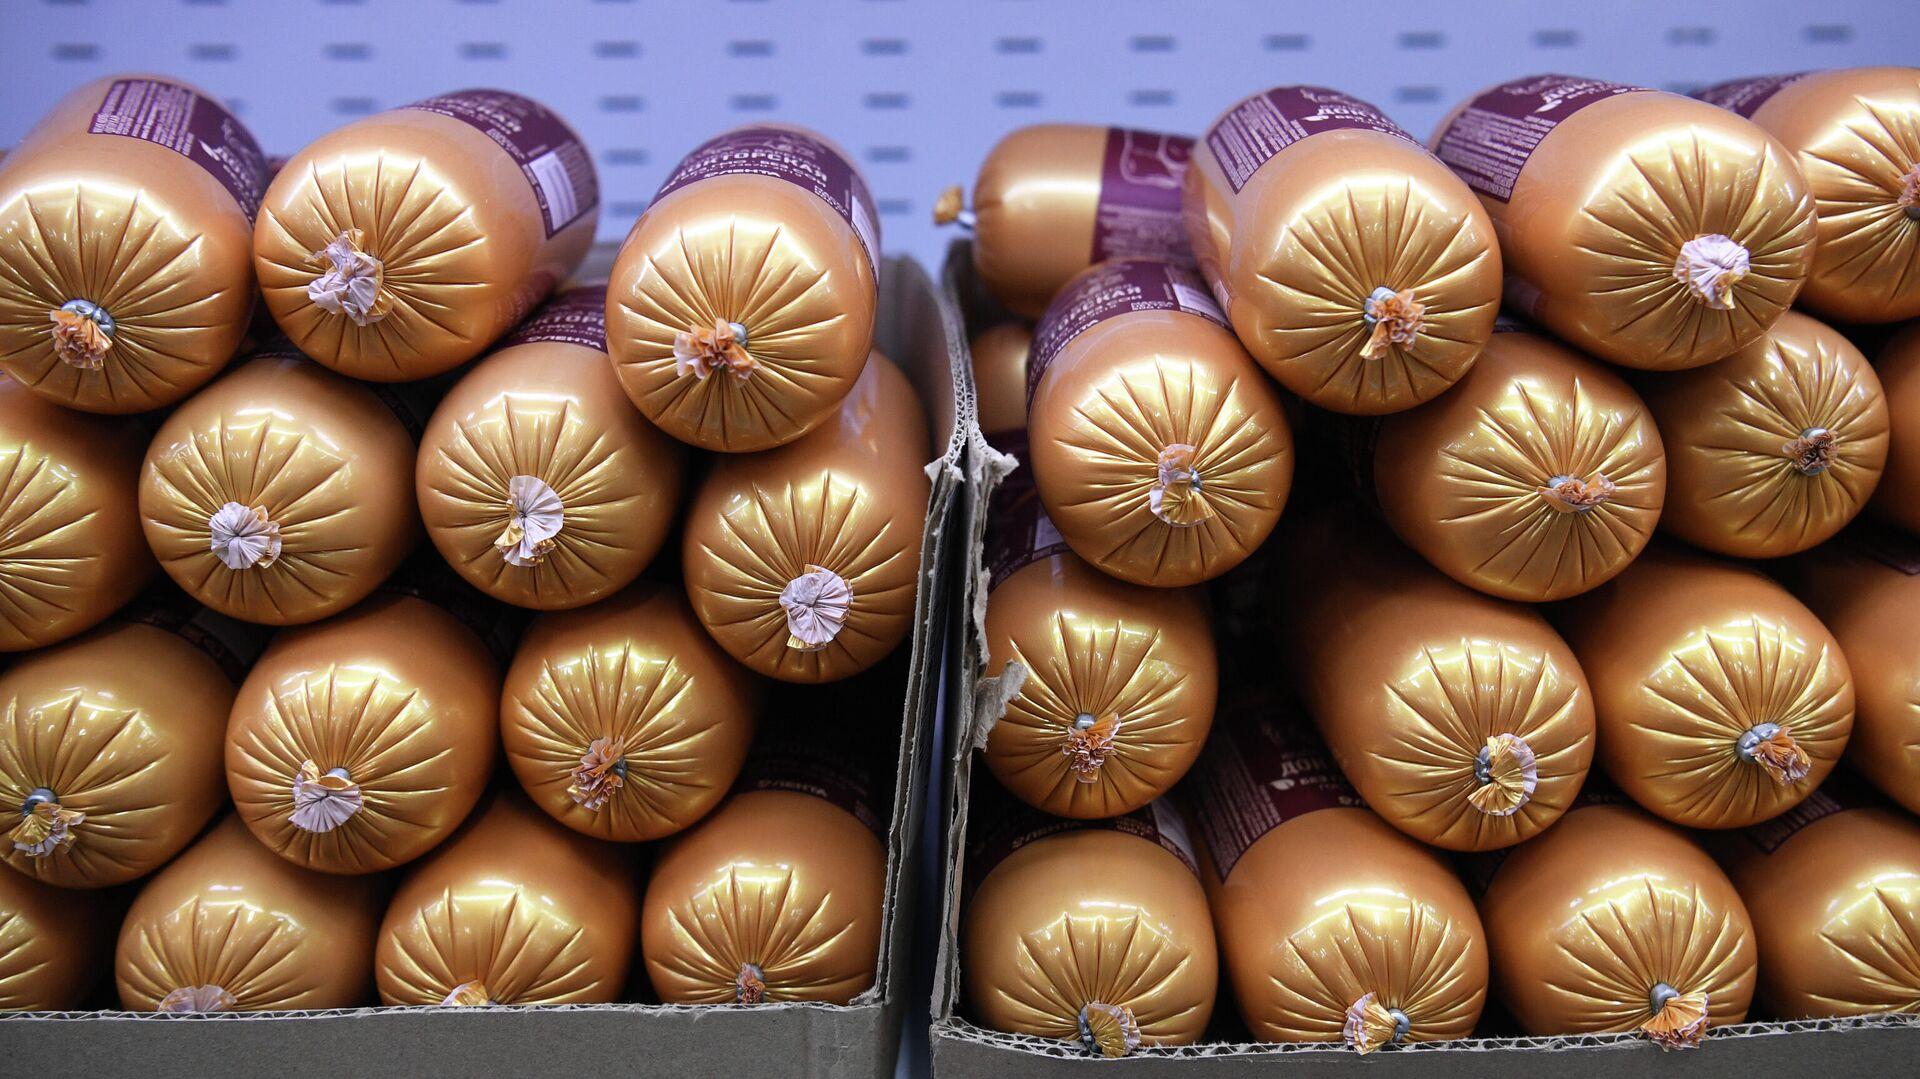 Продажа колбасы в дискаунтере 365+ торговой сети Лента - РИА Новости, 1920, 26.05.2021